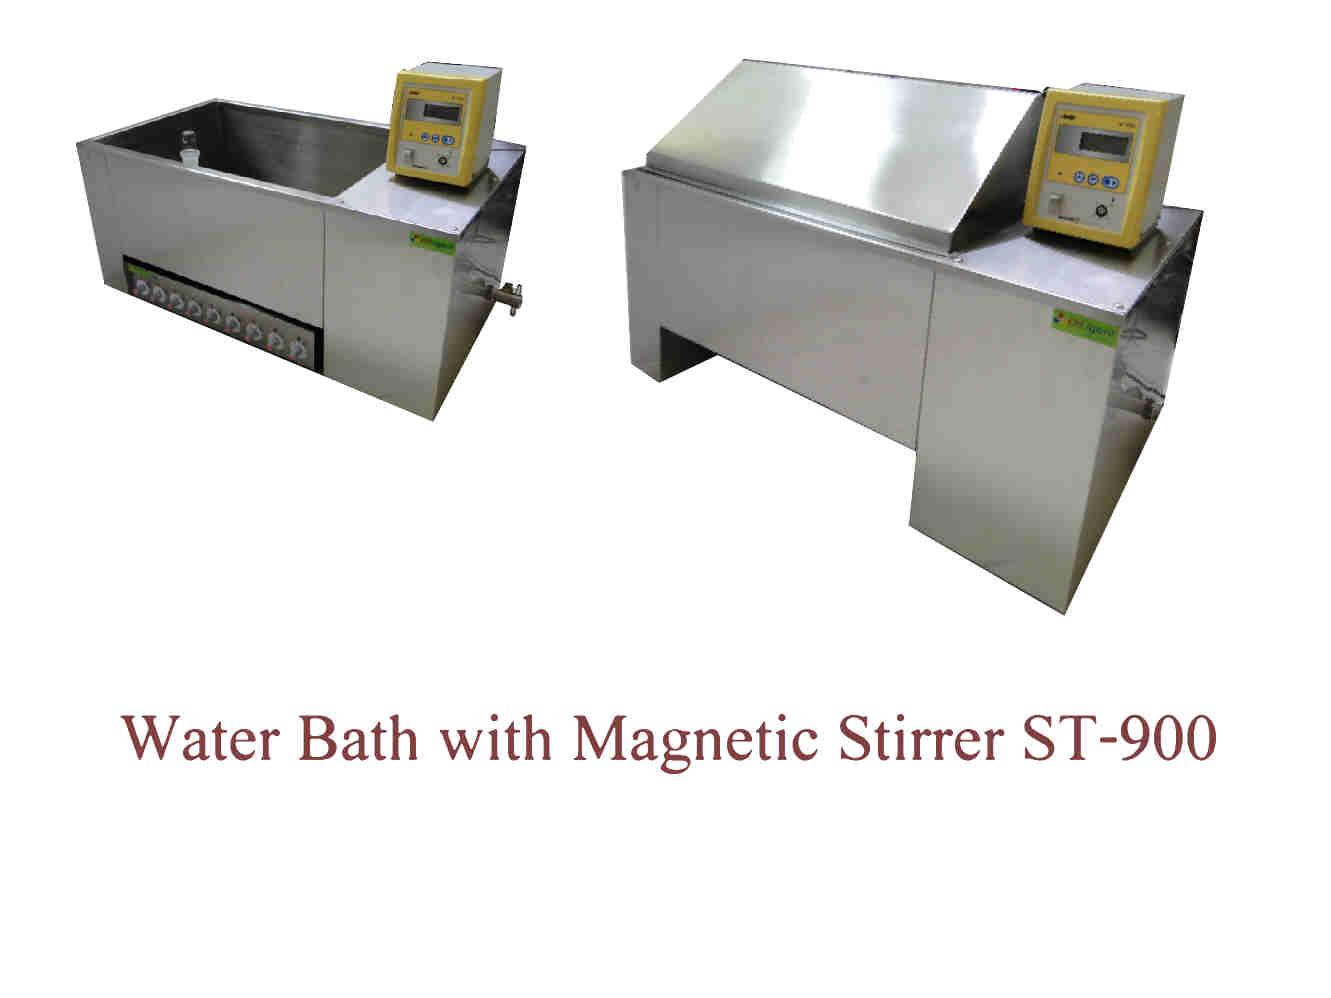 อ่างน้ำร้อน Water Bath Diligent  with Stirrer รุ่น St-900 เครื่องกวนหลายตำแหน่ง